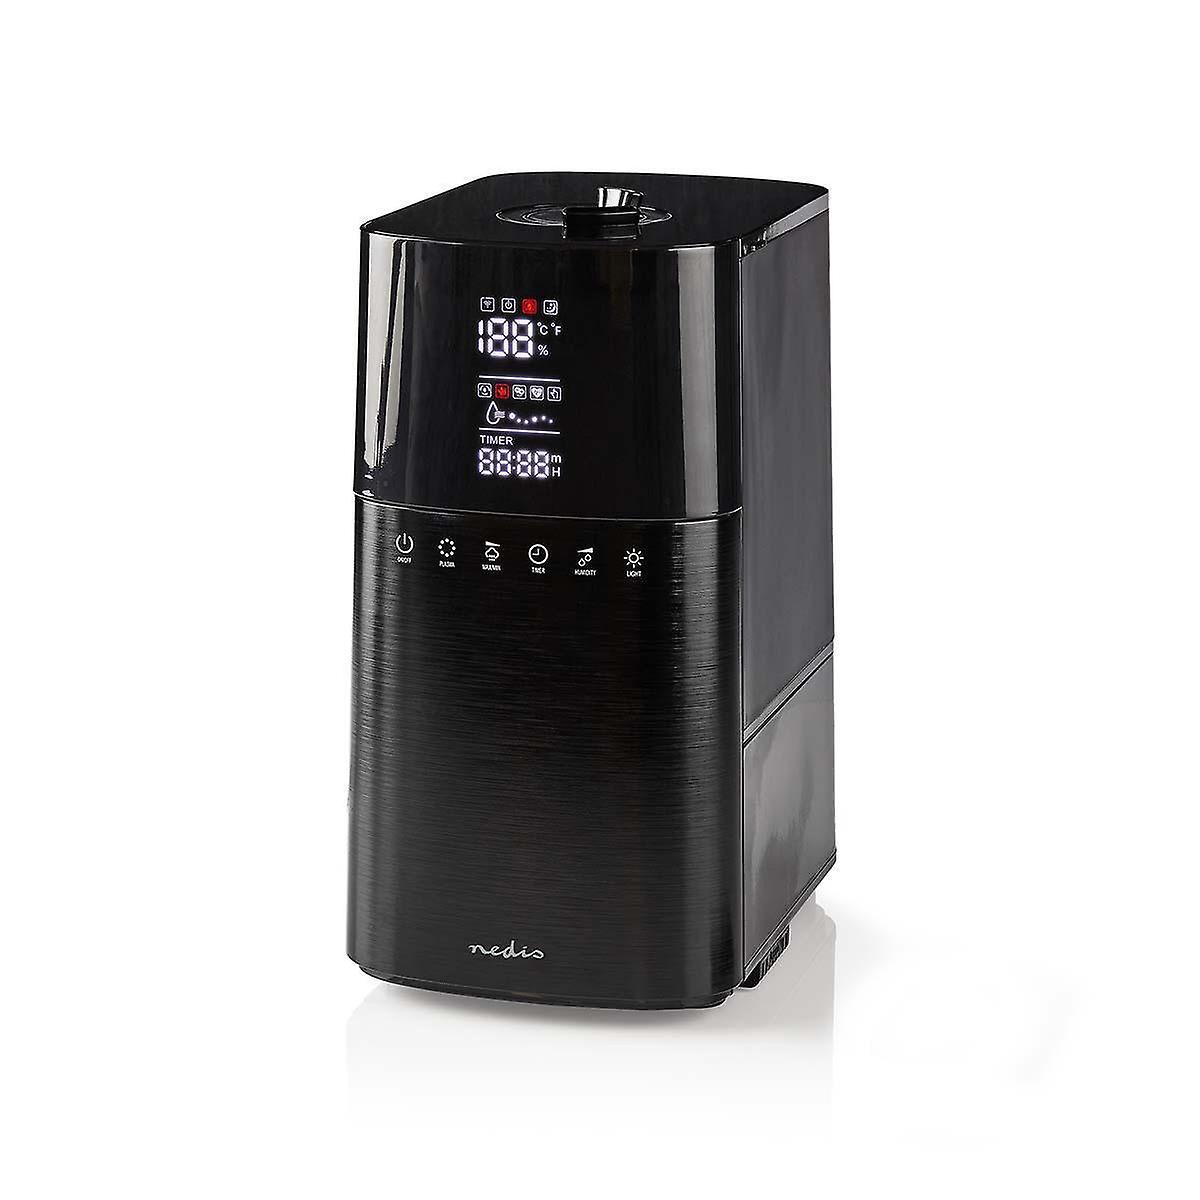 Nedis Humidifier | 6 L | Hygrometer | Remote Control | Black